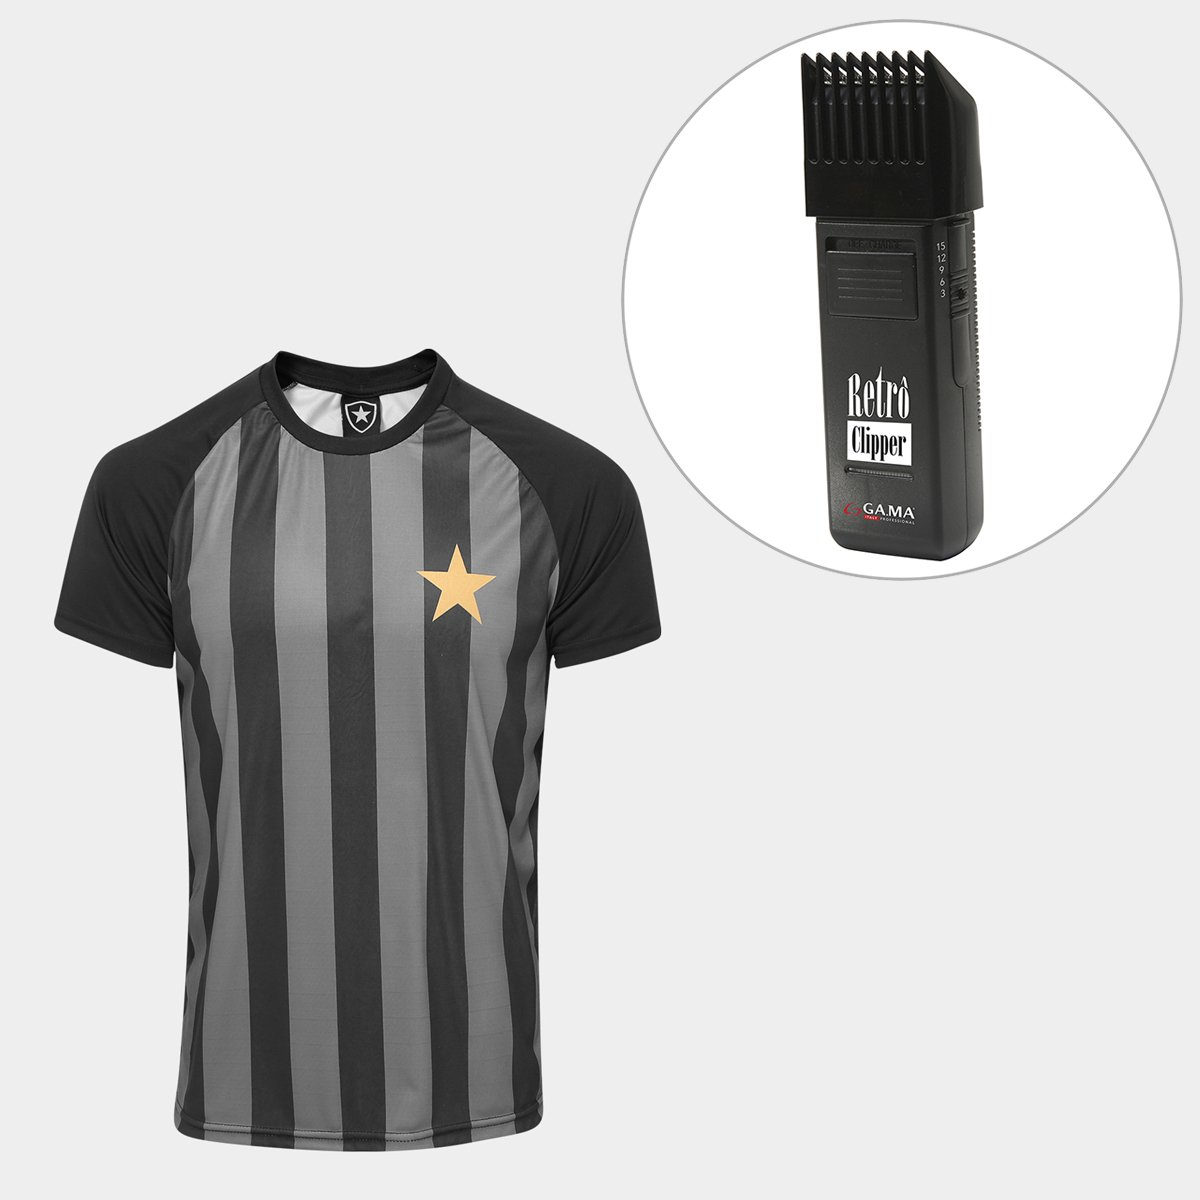 7c45a18d86 Kit Camisa Botafogo Estrela Gold nº 7 - Edição Limitada Masculina + Maquina  Retrô Gama Italy Bivolt - Compre Agora